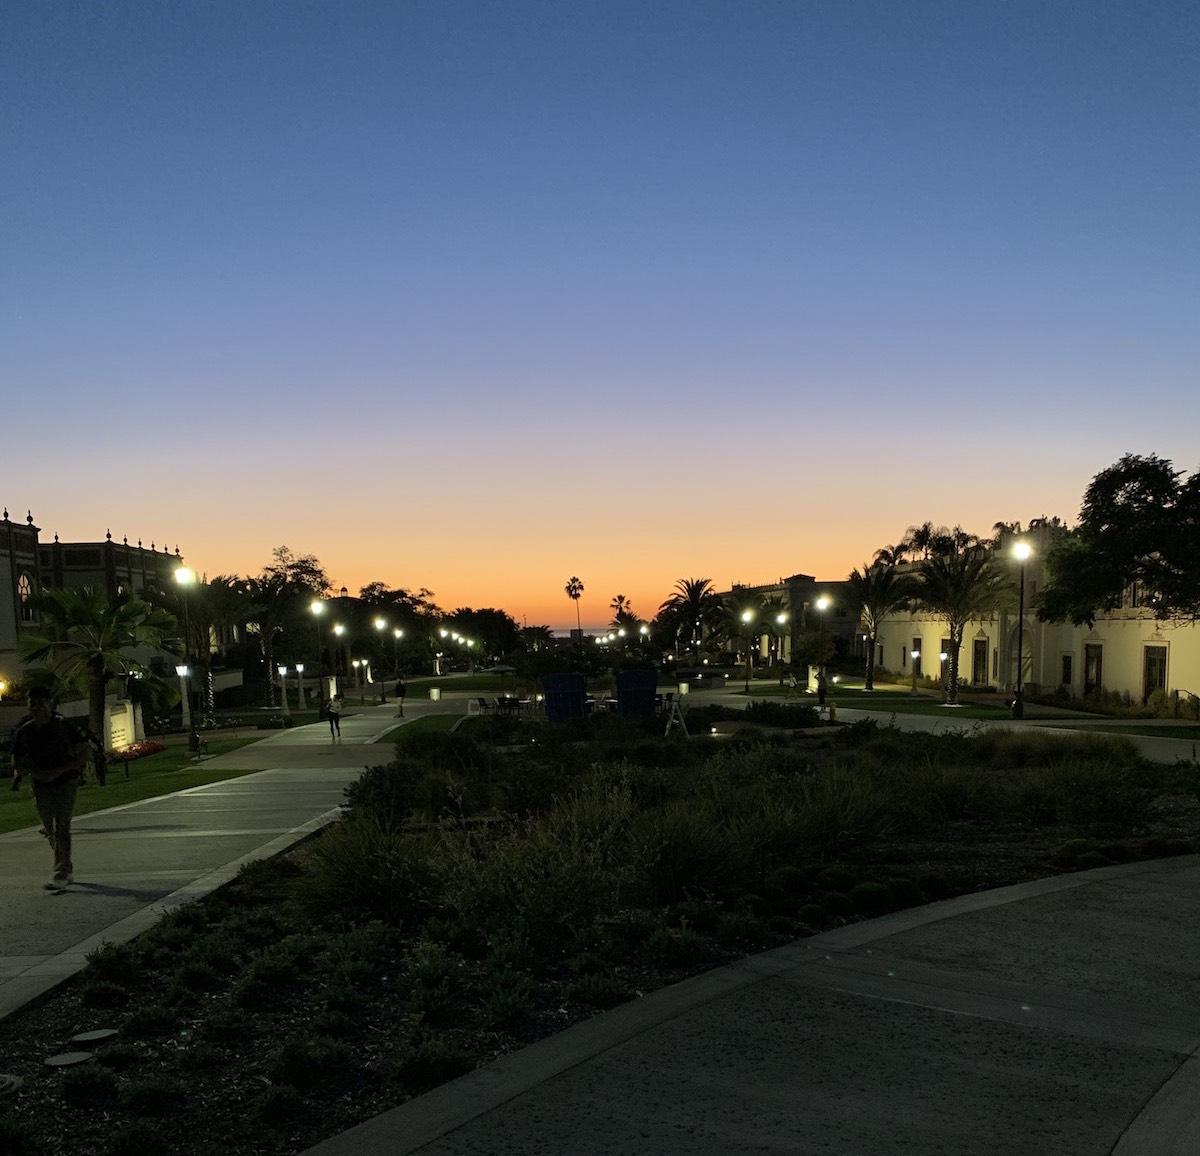 The Paseo de Colachis at dusk